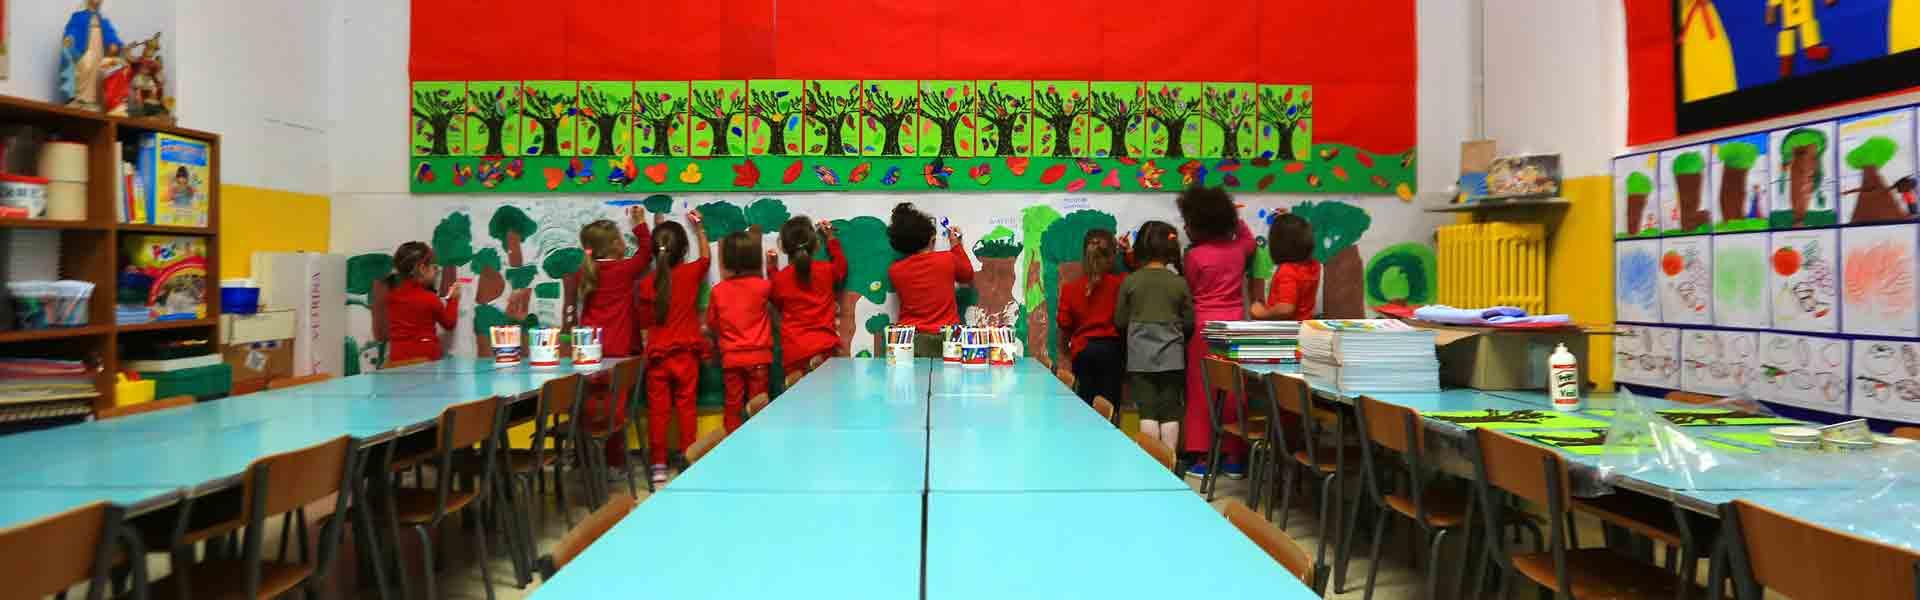 attivita extrascolastiche scuola sacro cuore